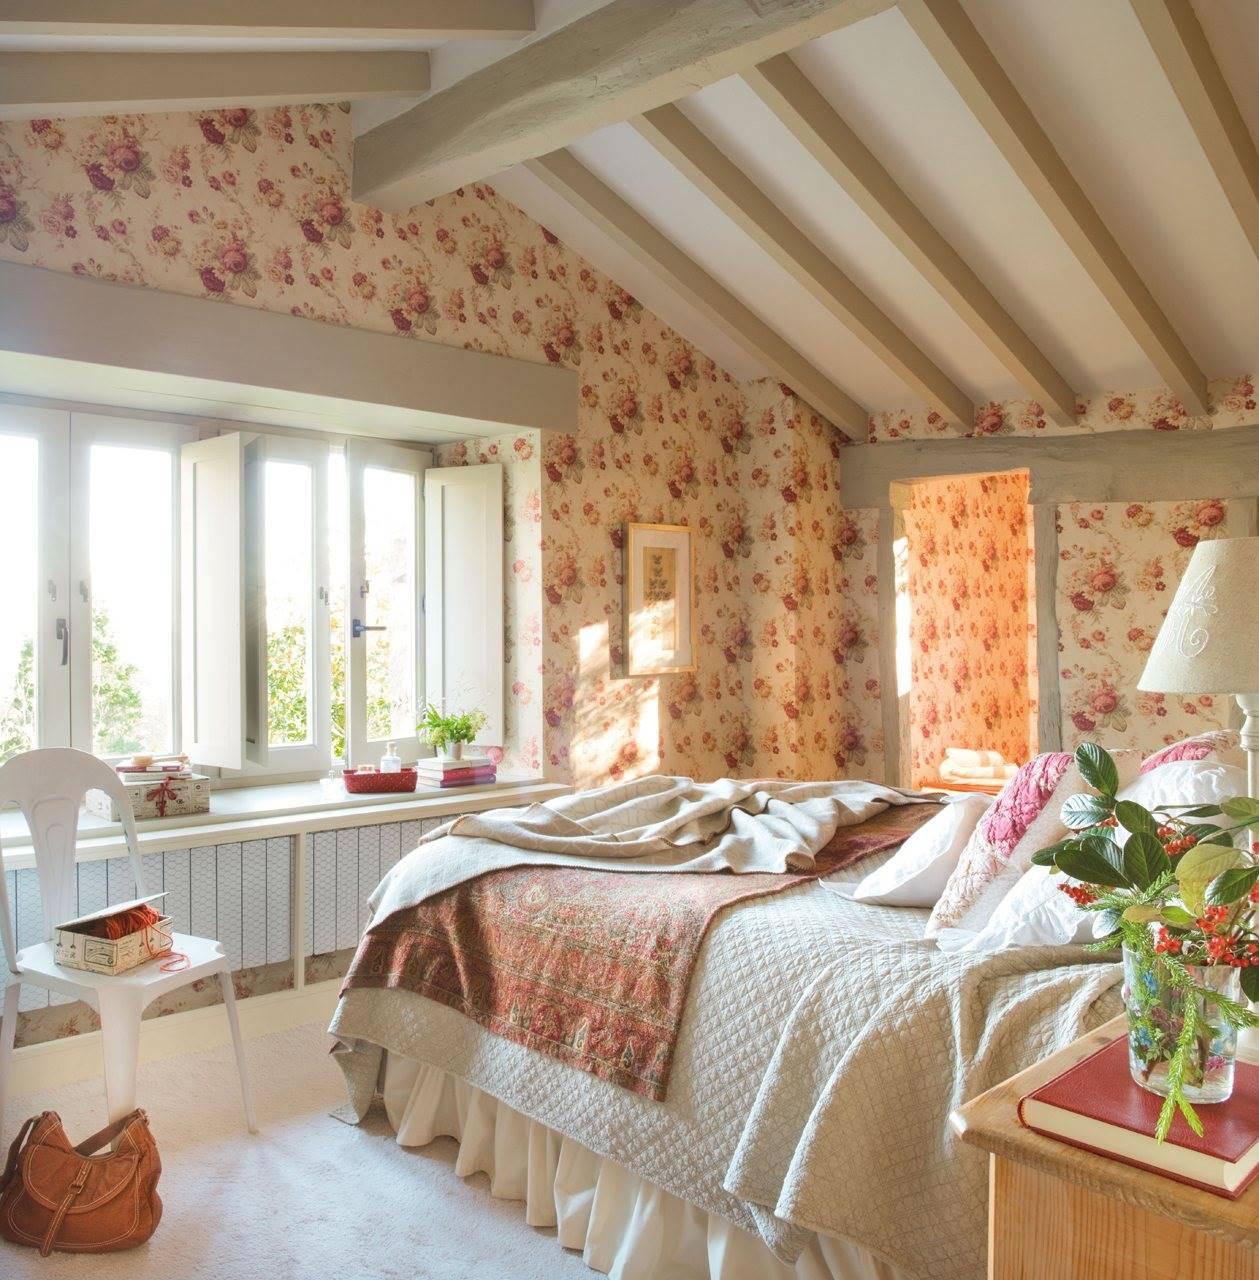 564 fotos de papel pintado - Papel pintado dormitorio principal ...